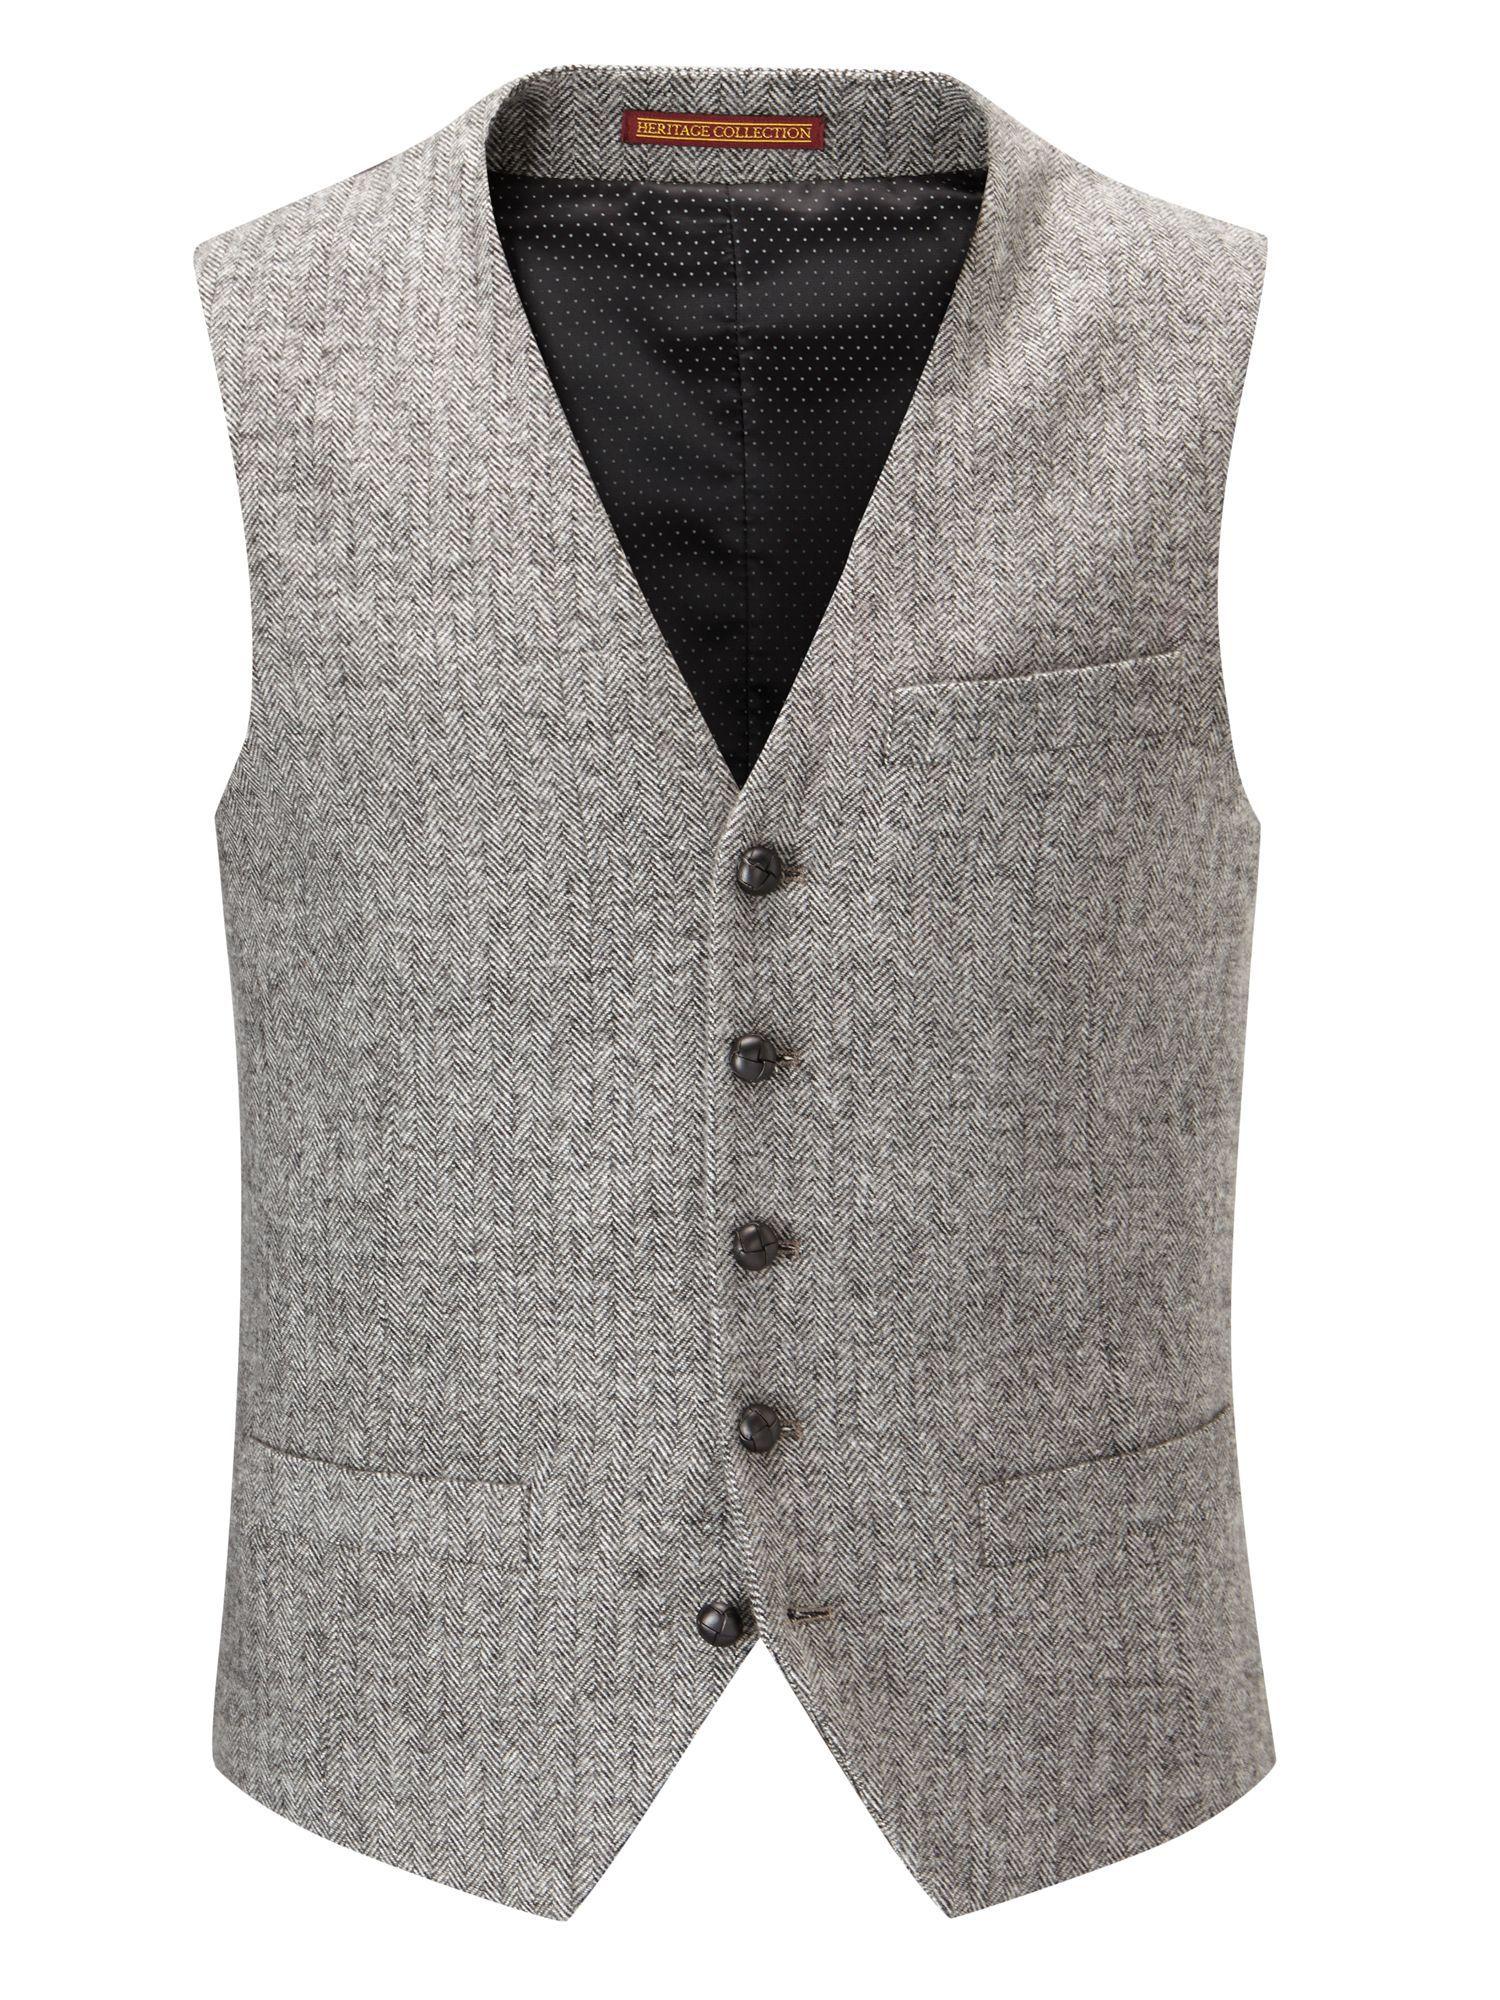 1920s Style Men's Vests, Pullover Vests, Waistcoats | Men's ...